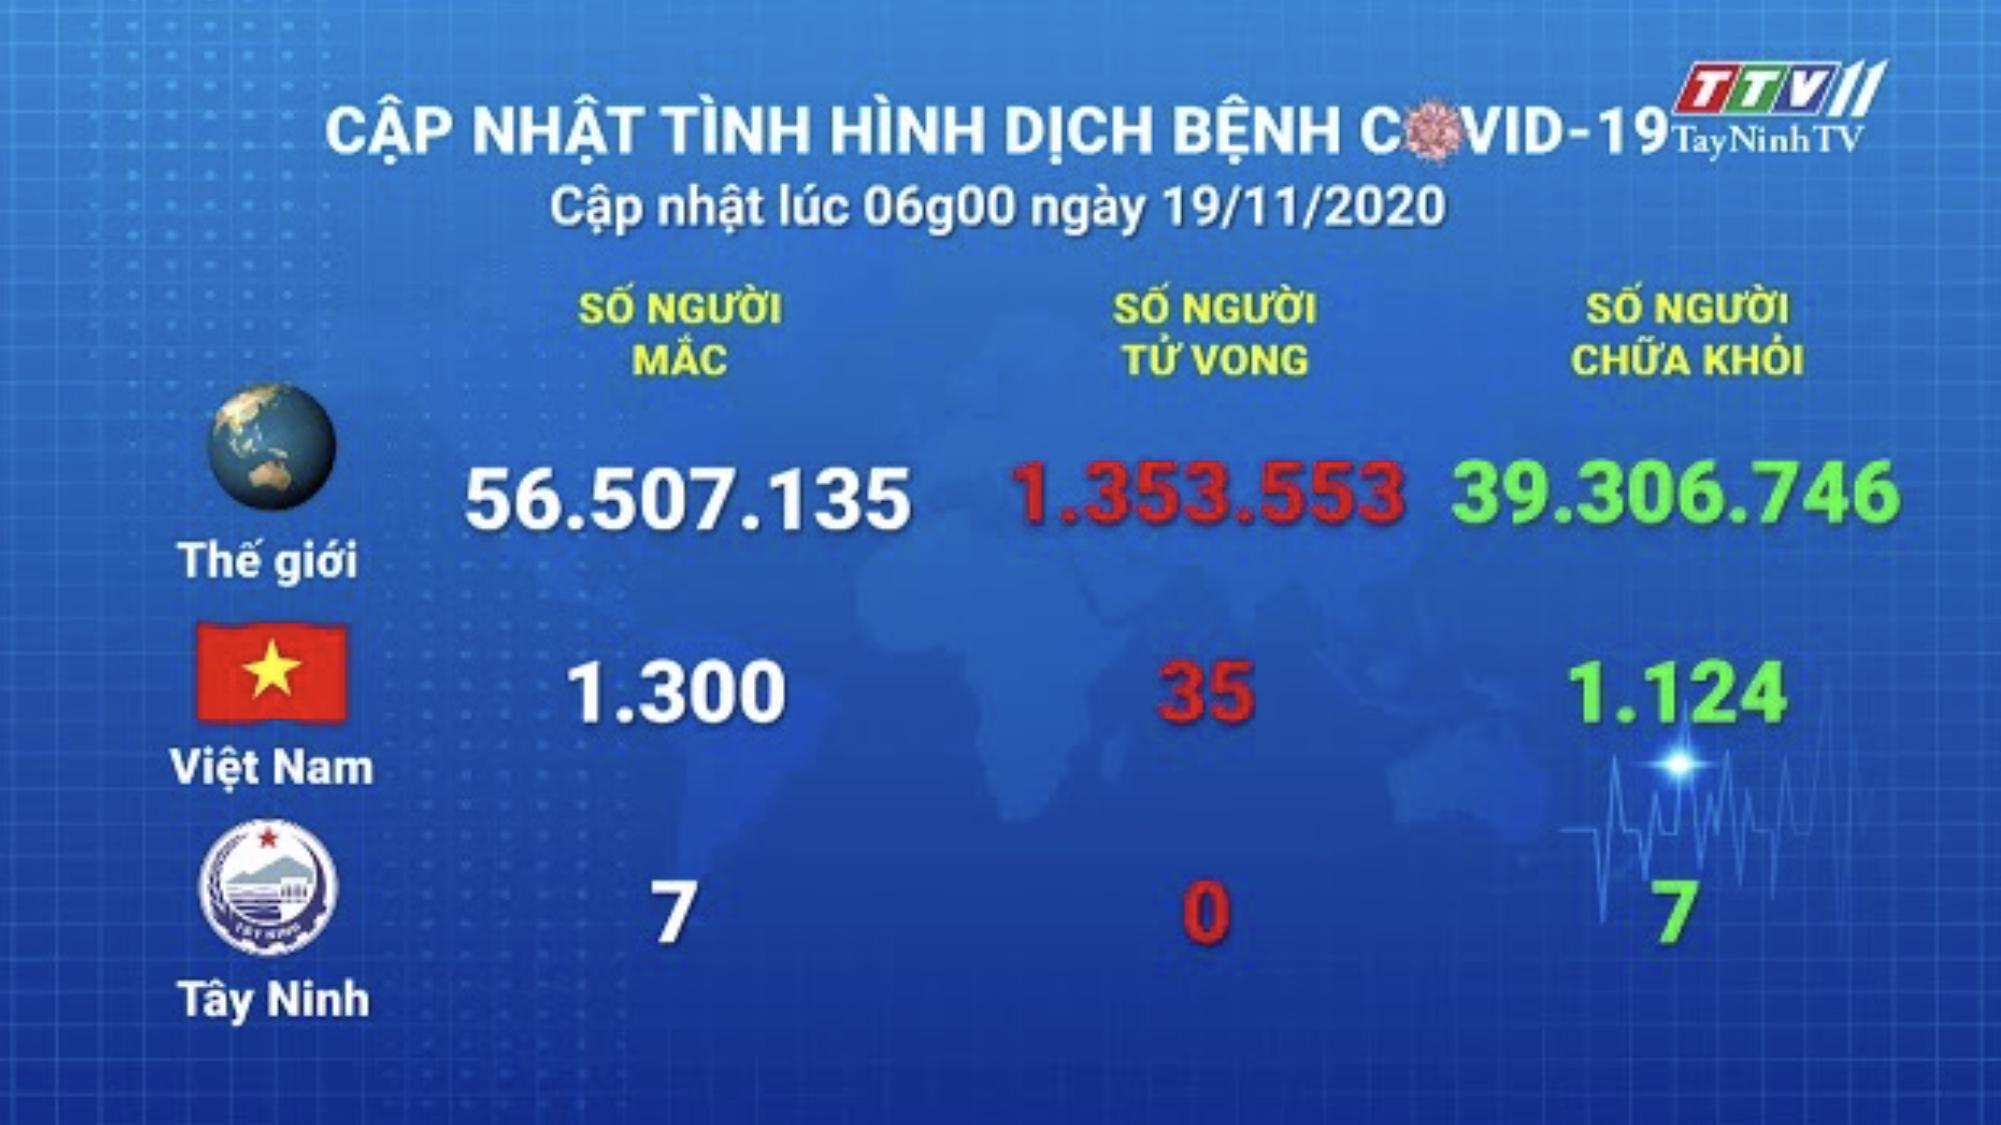 Cập nhật tình hình Covid-19 vào lúc 06 giờ 19-11-2020 | Thông tin dịch Covid-19 | TayNinhTV